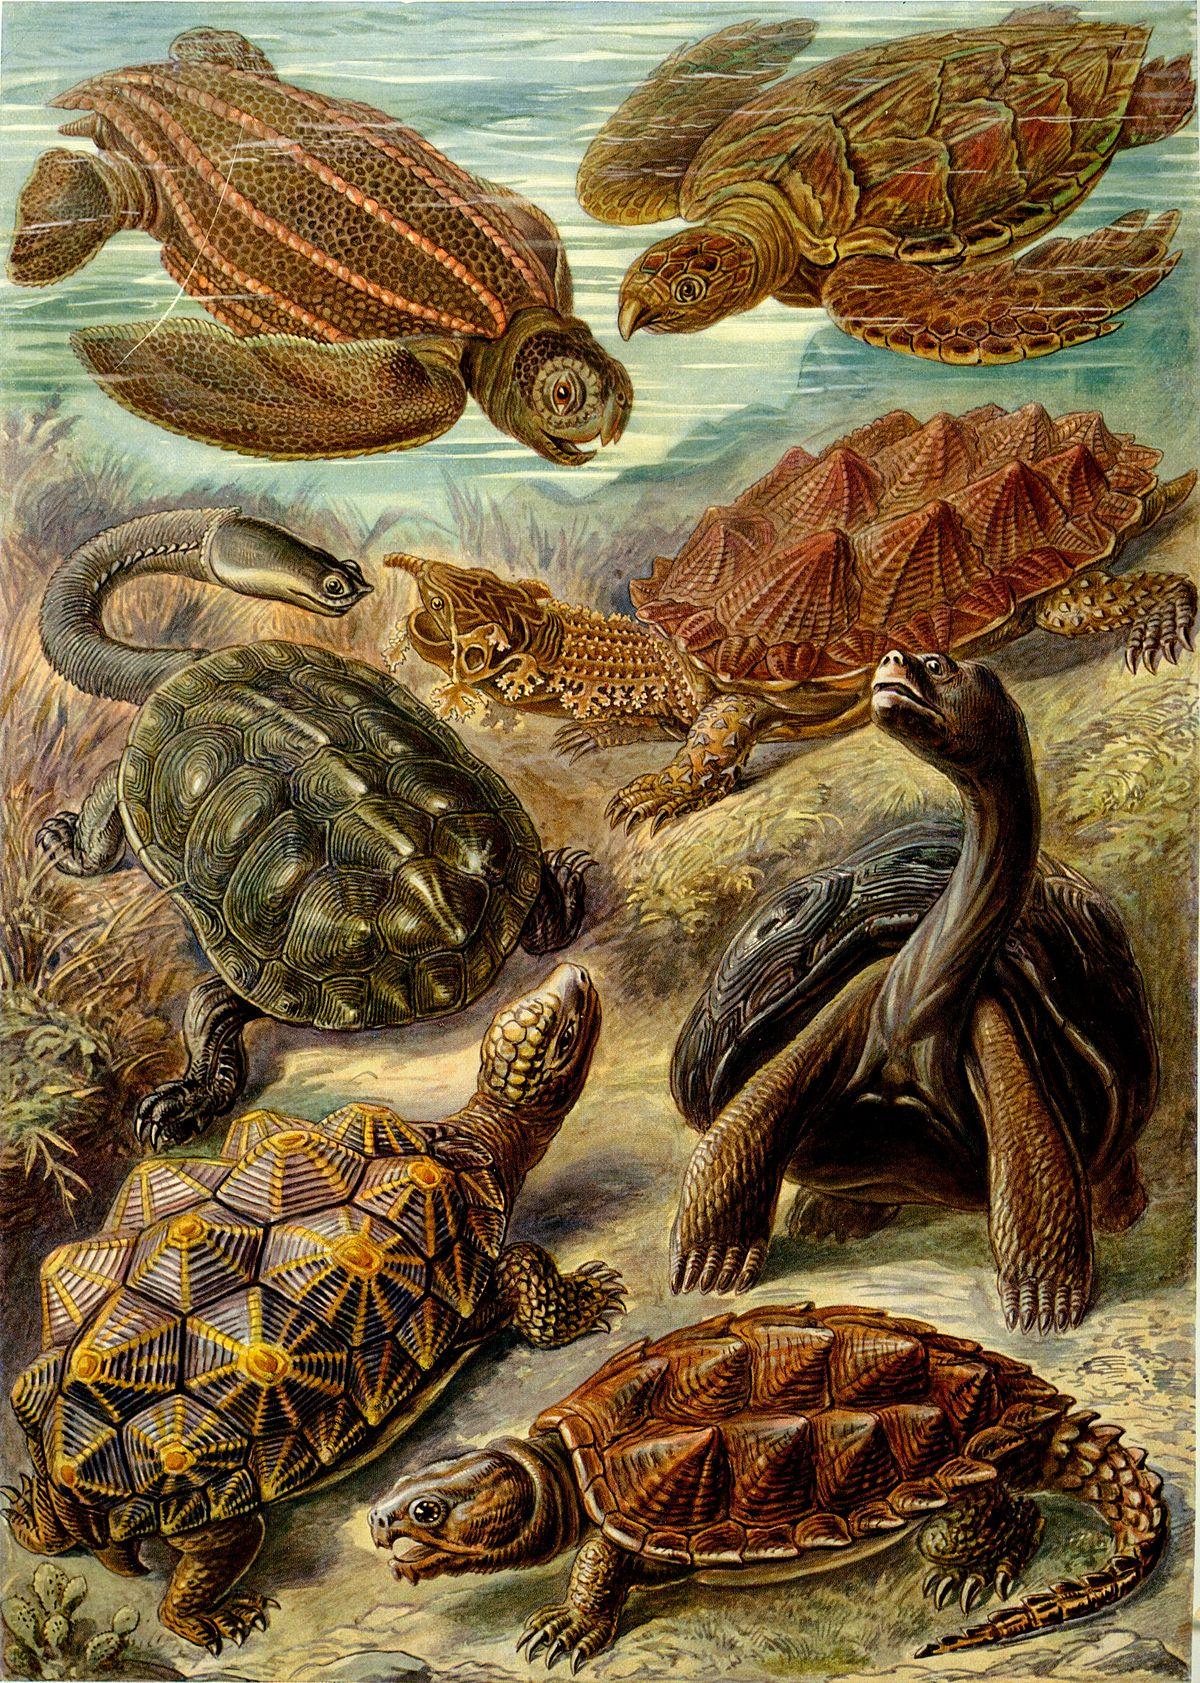 hur gammal kan en sköldpadda bli